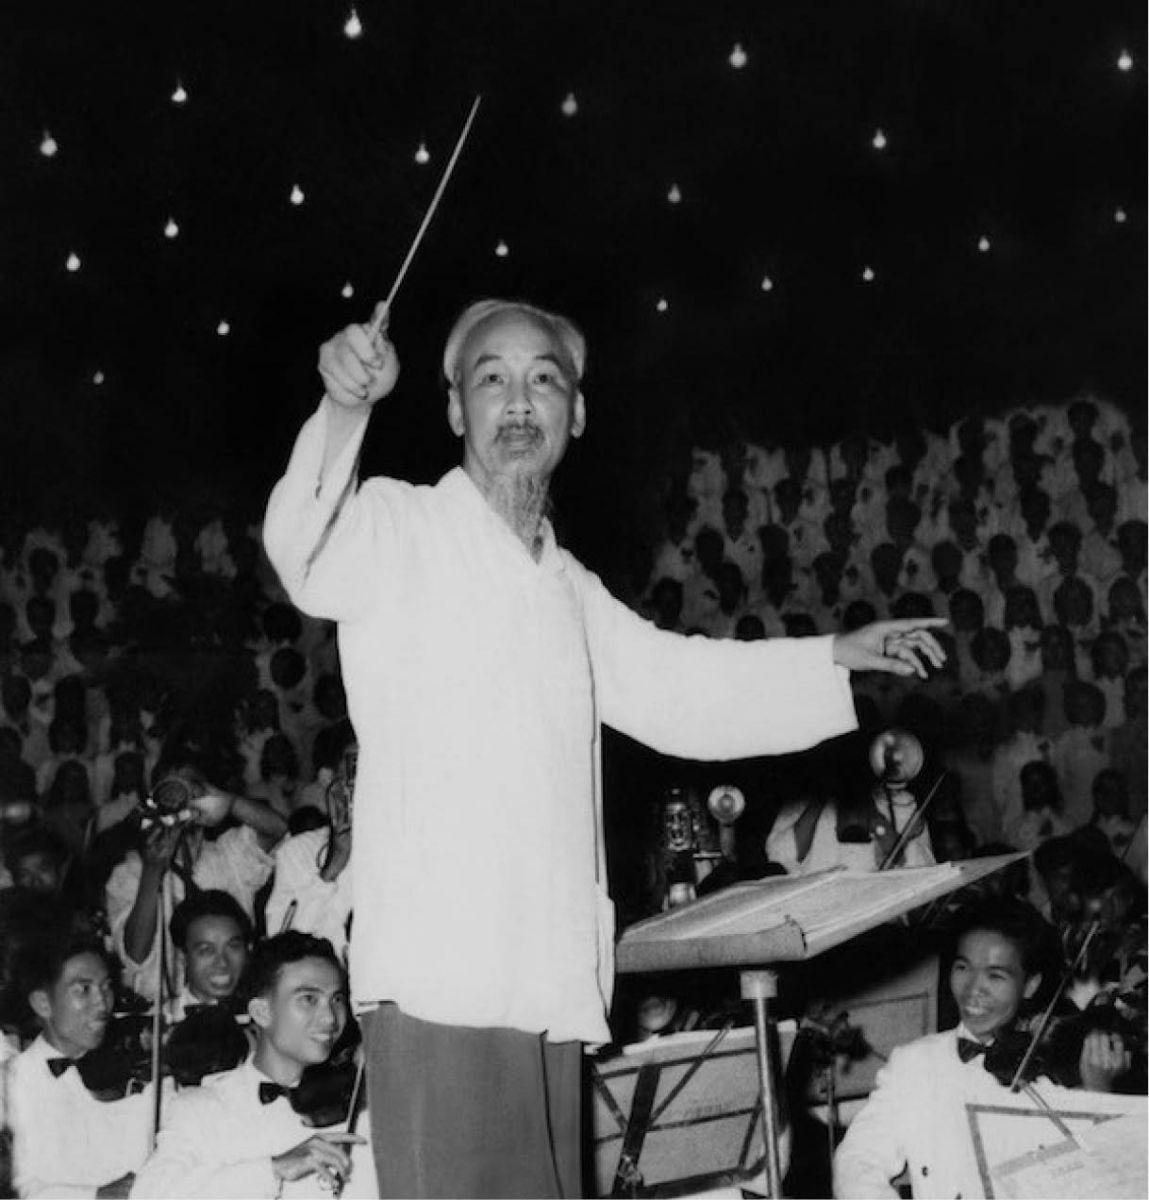 Đoàn kết trong tư tưởng, quan điểm của Chủ tịch Hồ Chí Minh